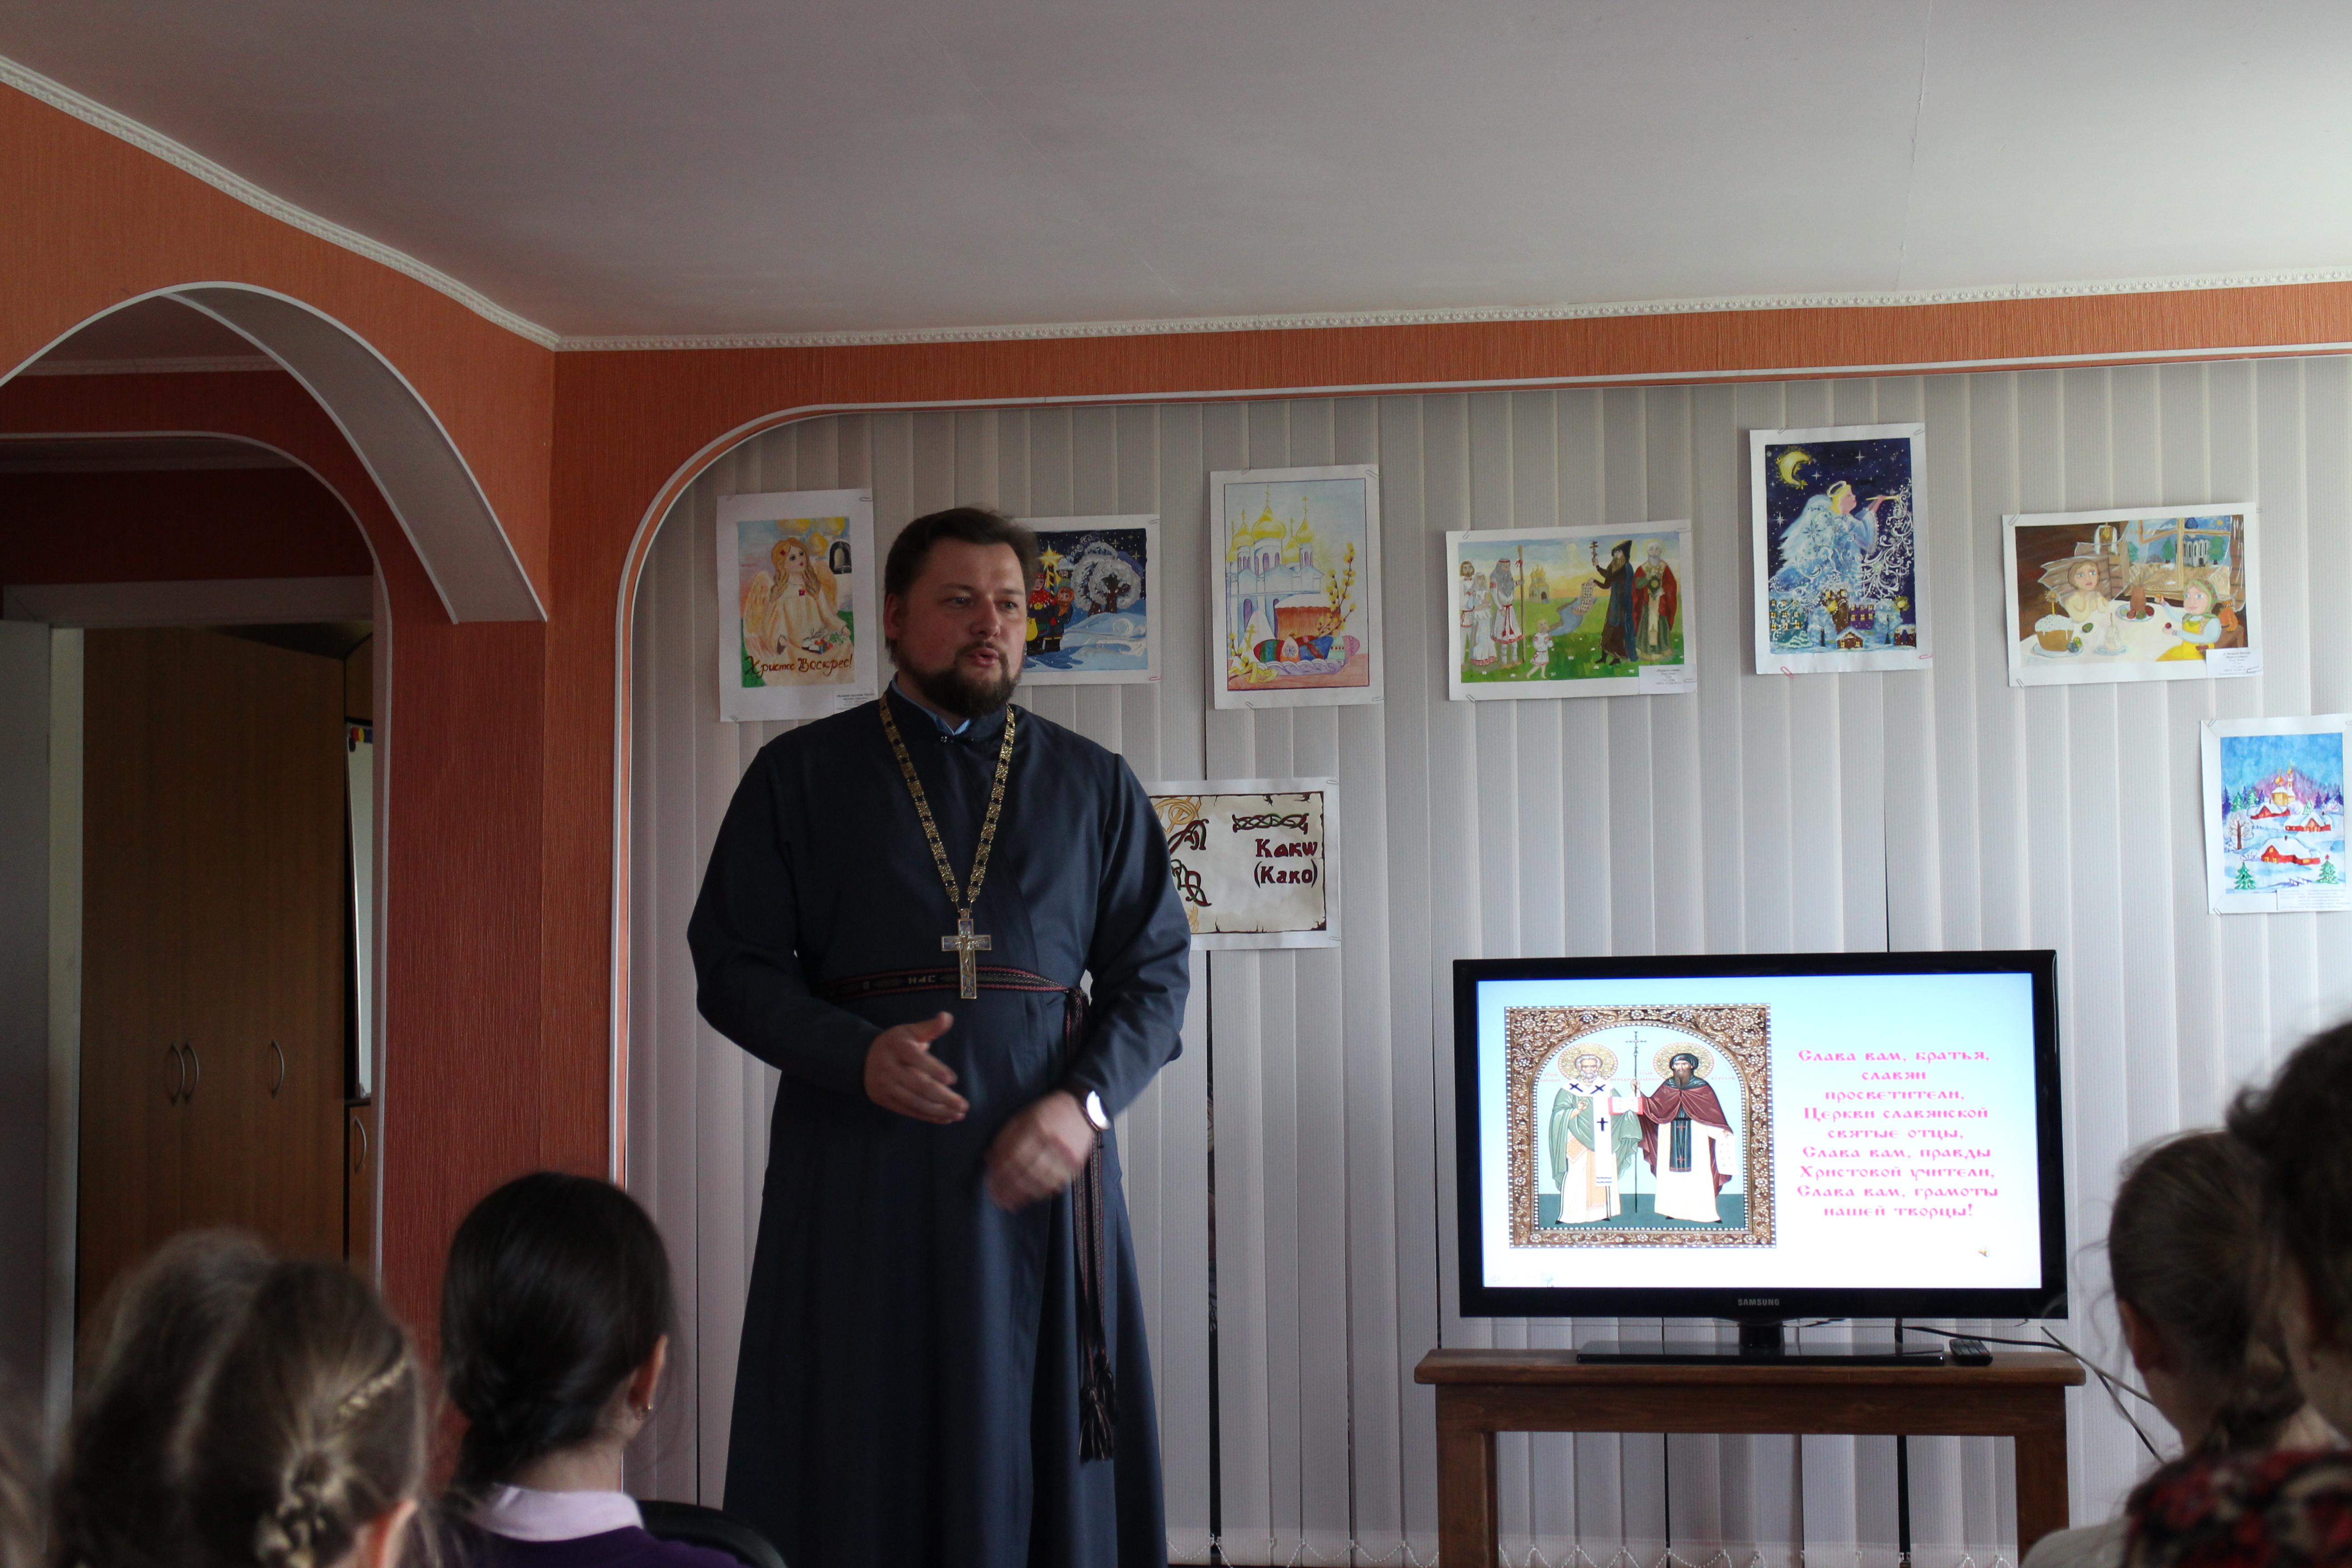 http://mo-izo-anzherka.ucoz.ru/Polozhenija/2014-2015/nagrazhdenie_v_khrame_4.jpg